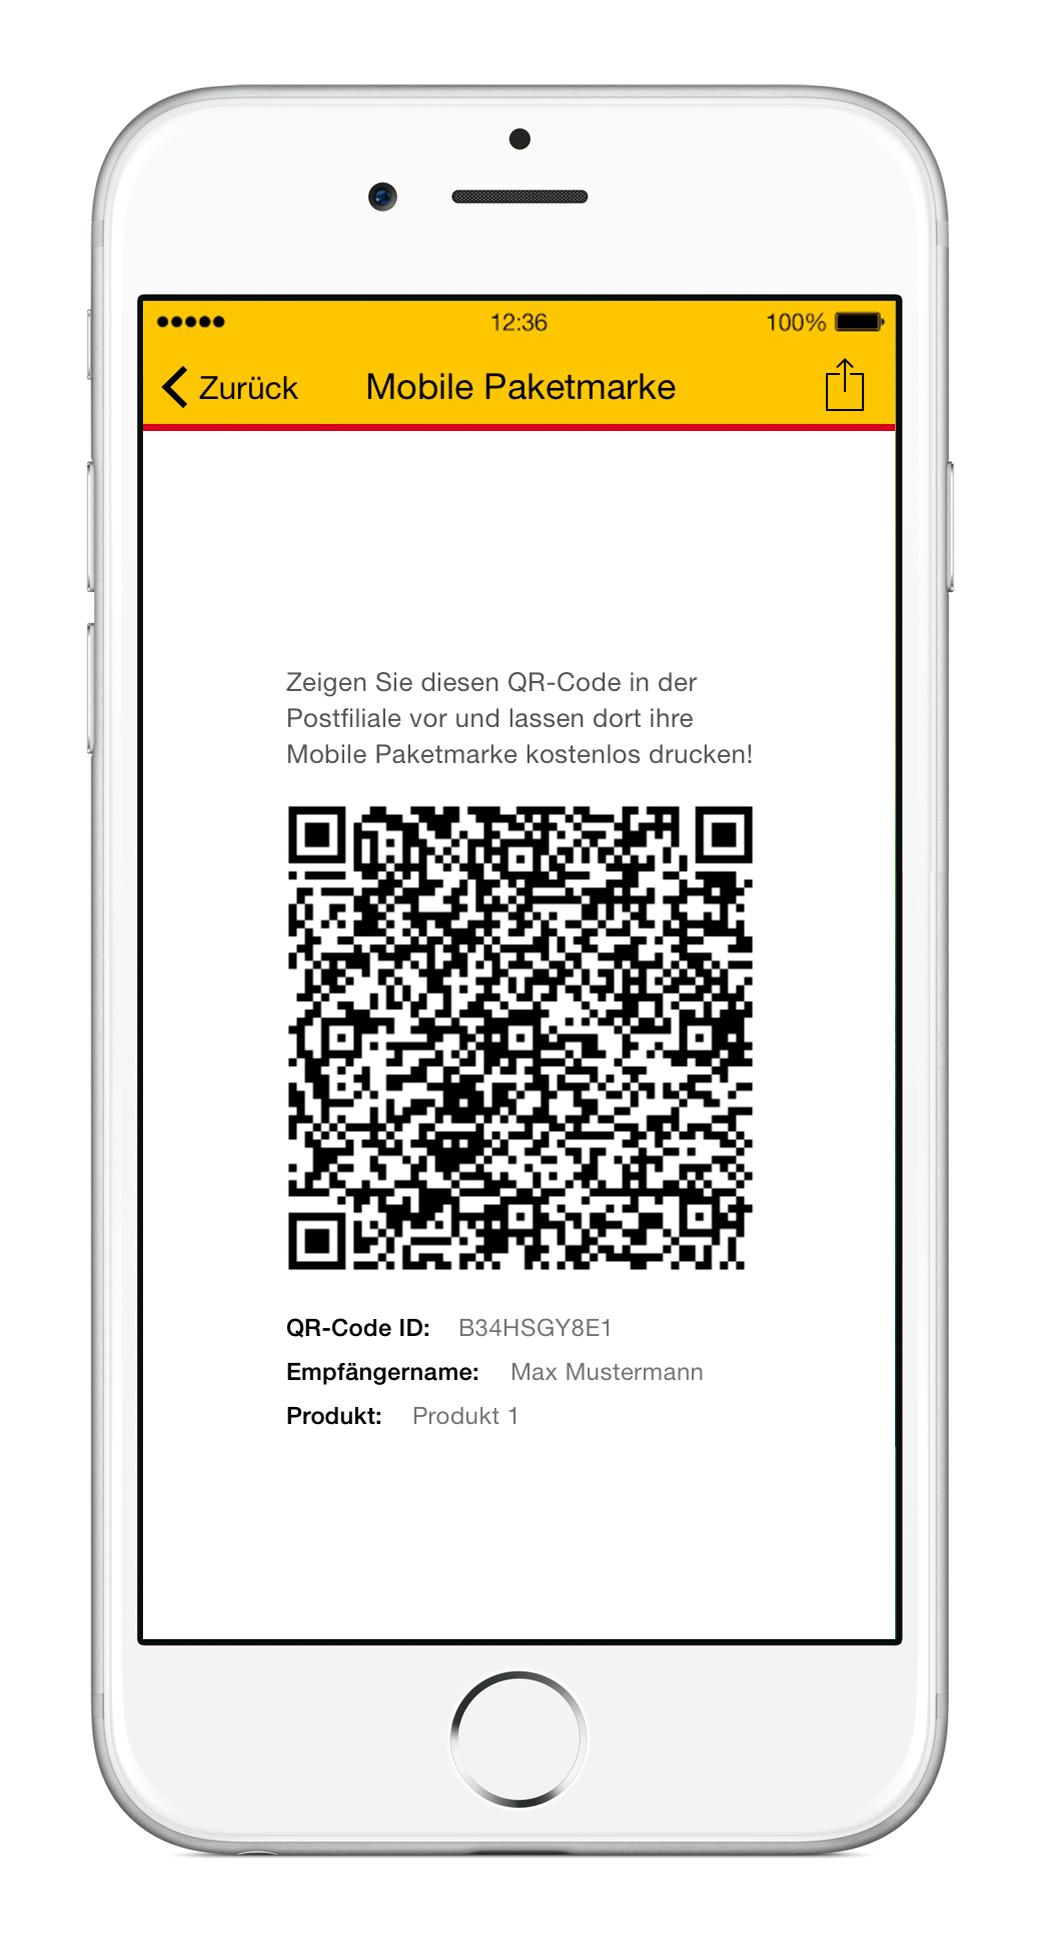 DHL Pakete online frankieren - Paketschein bequem am PC